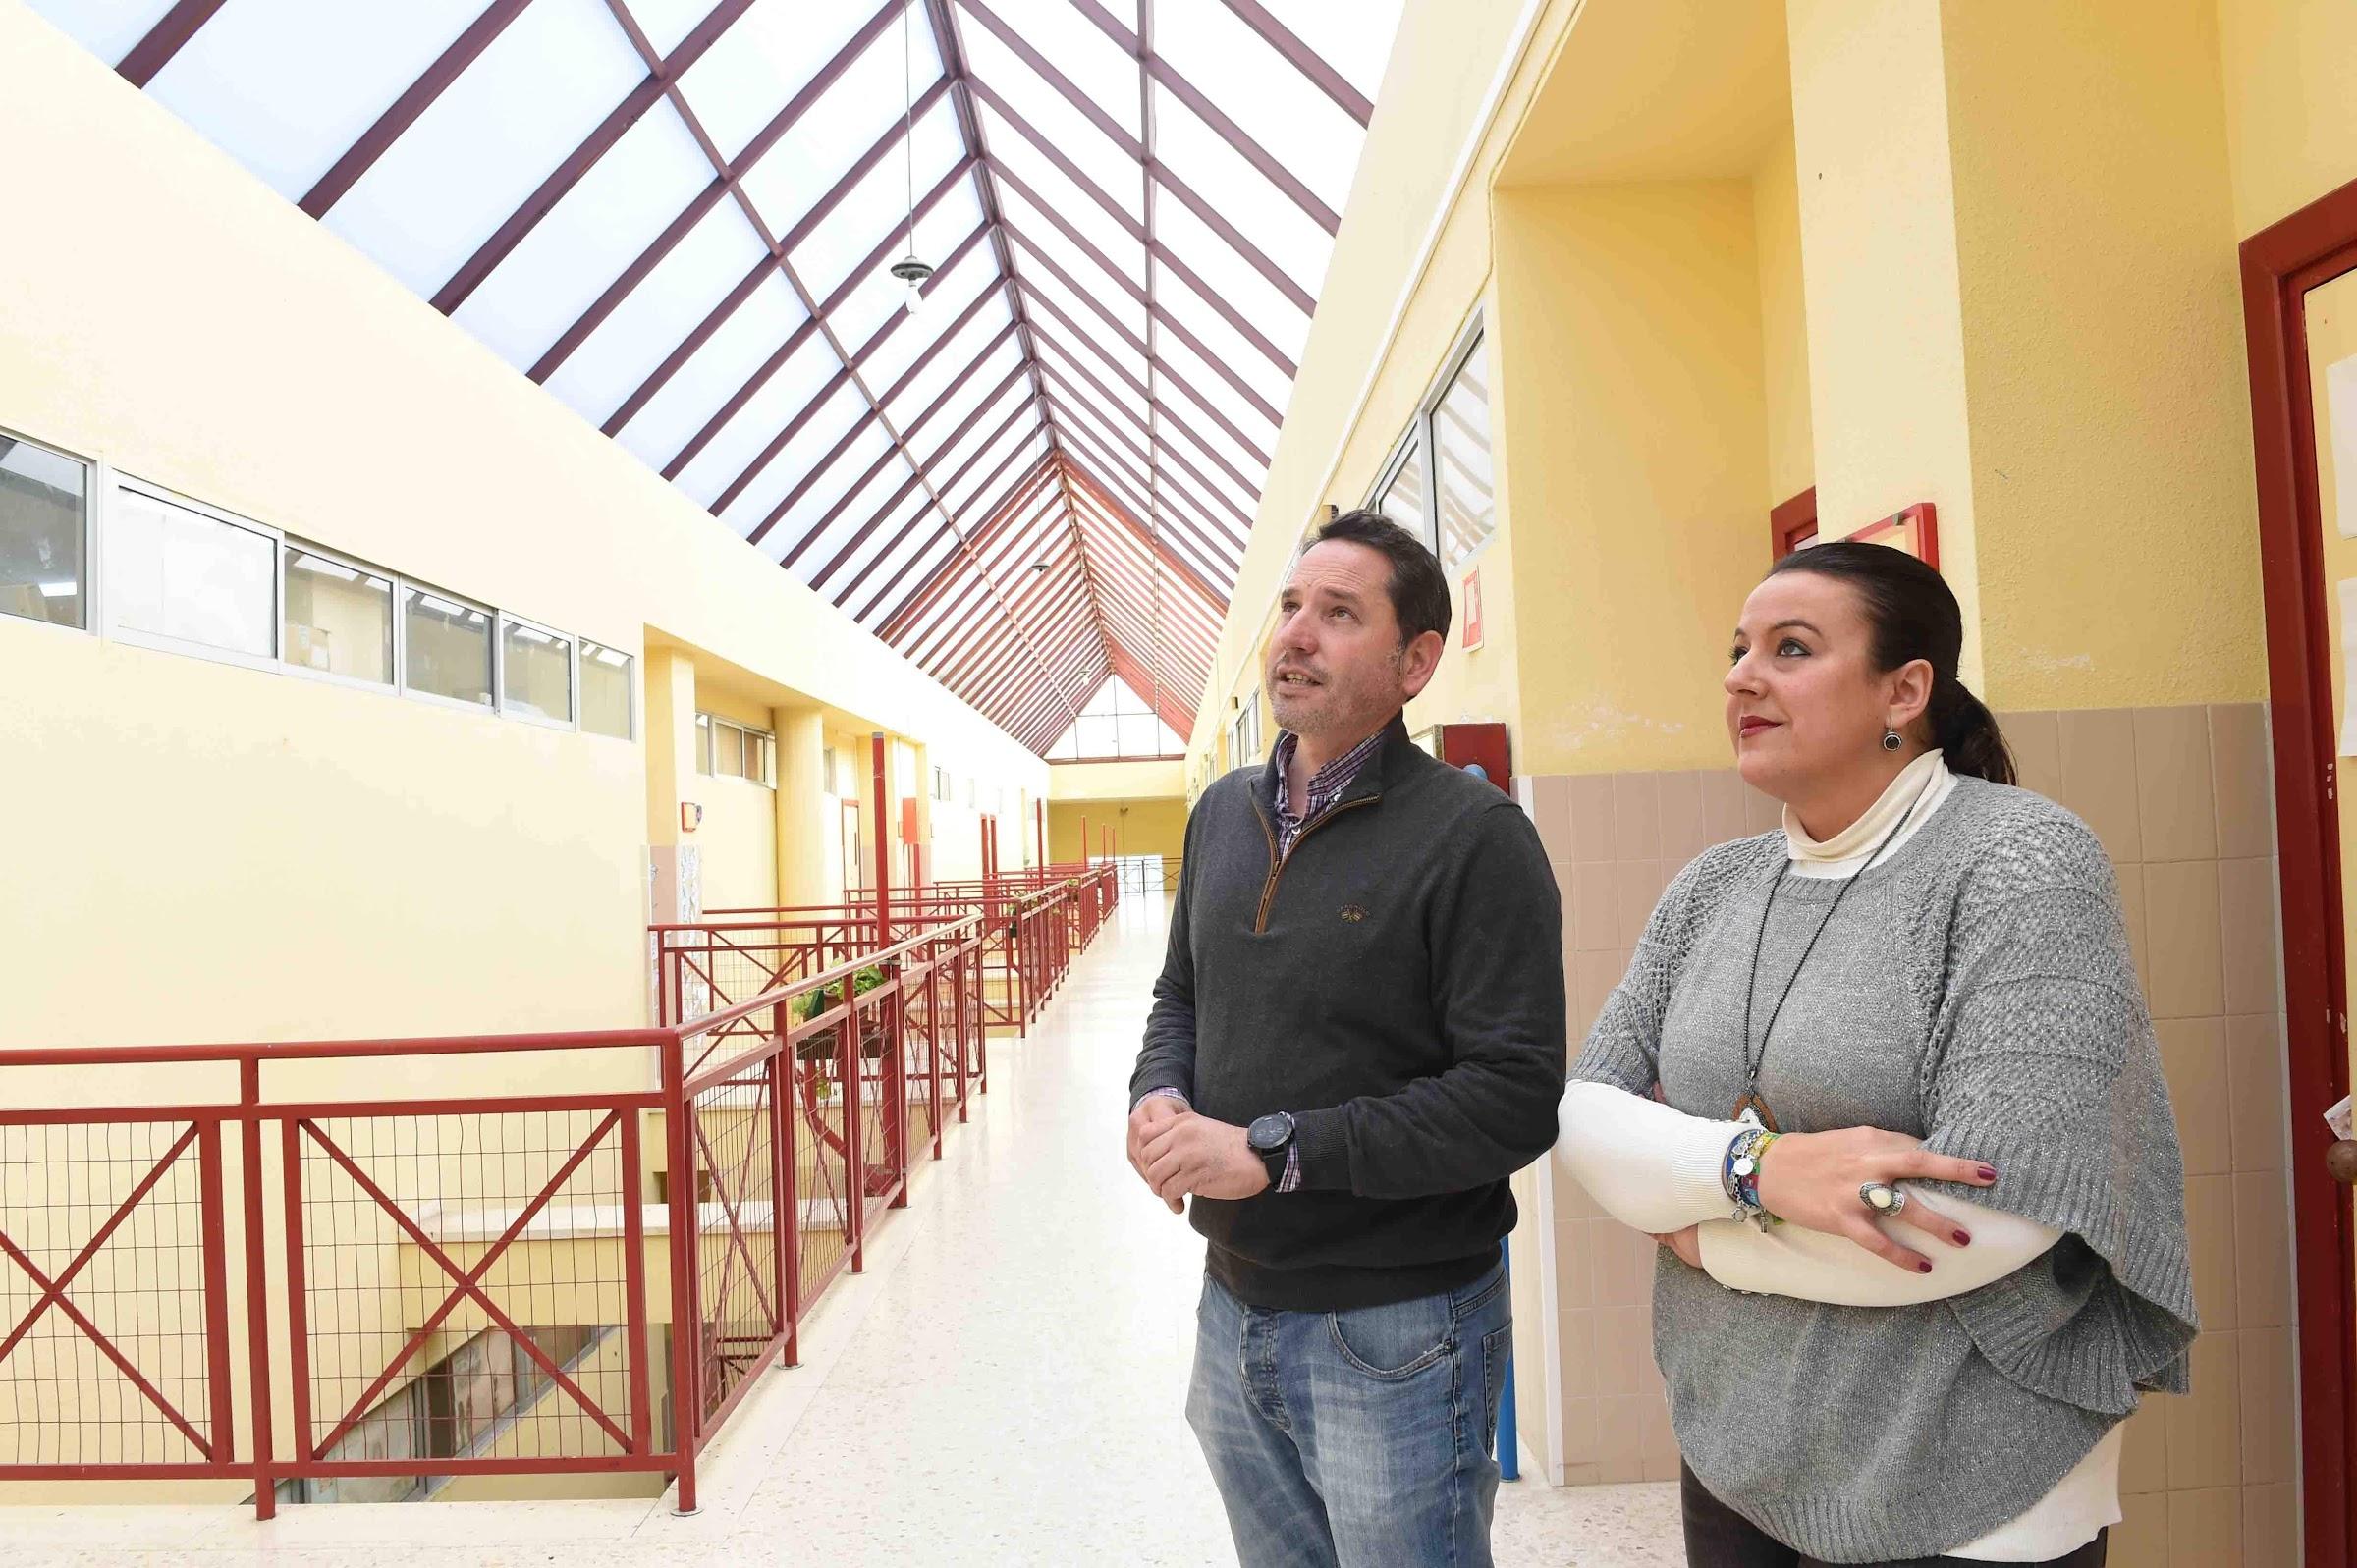 Las obras de instalación del nuevo lucernario en el CEIP Mediterráneo avanzan a buen ritmo